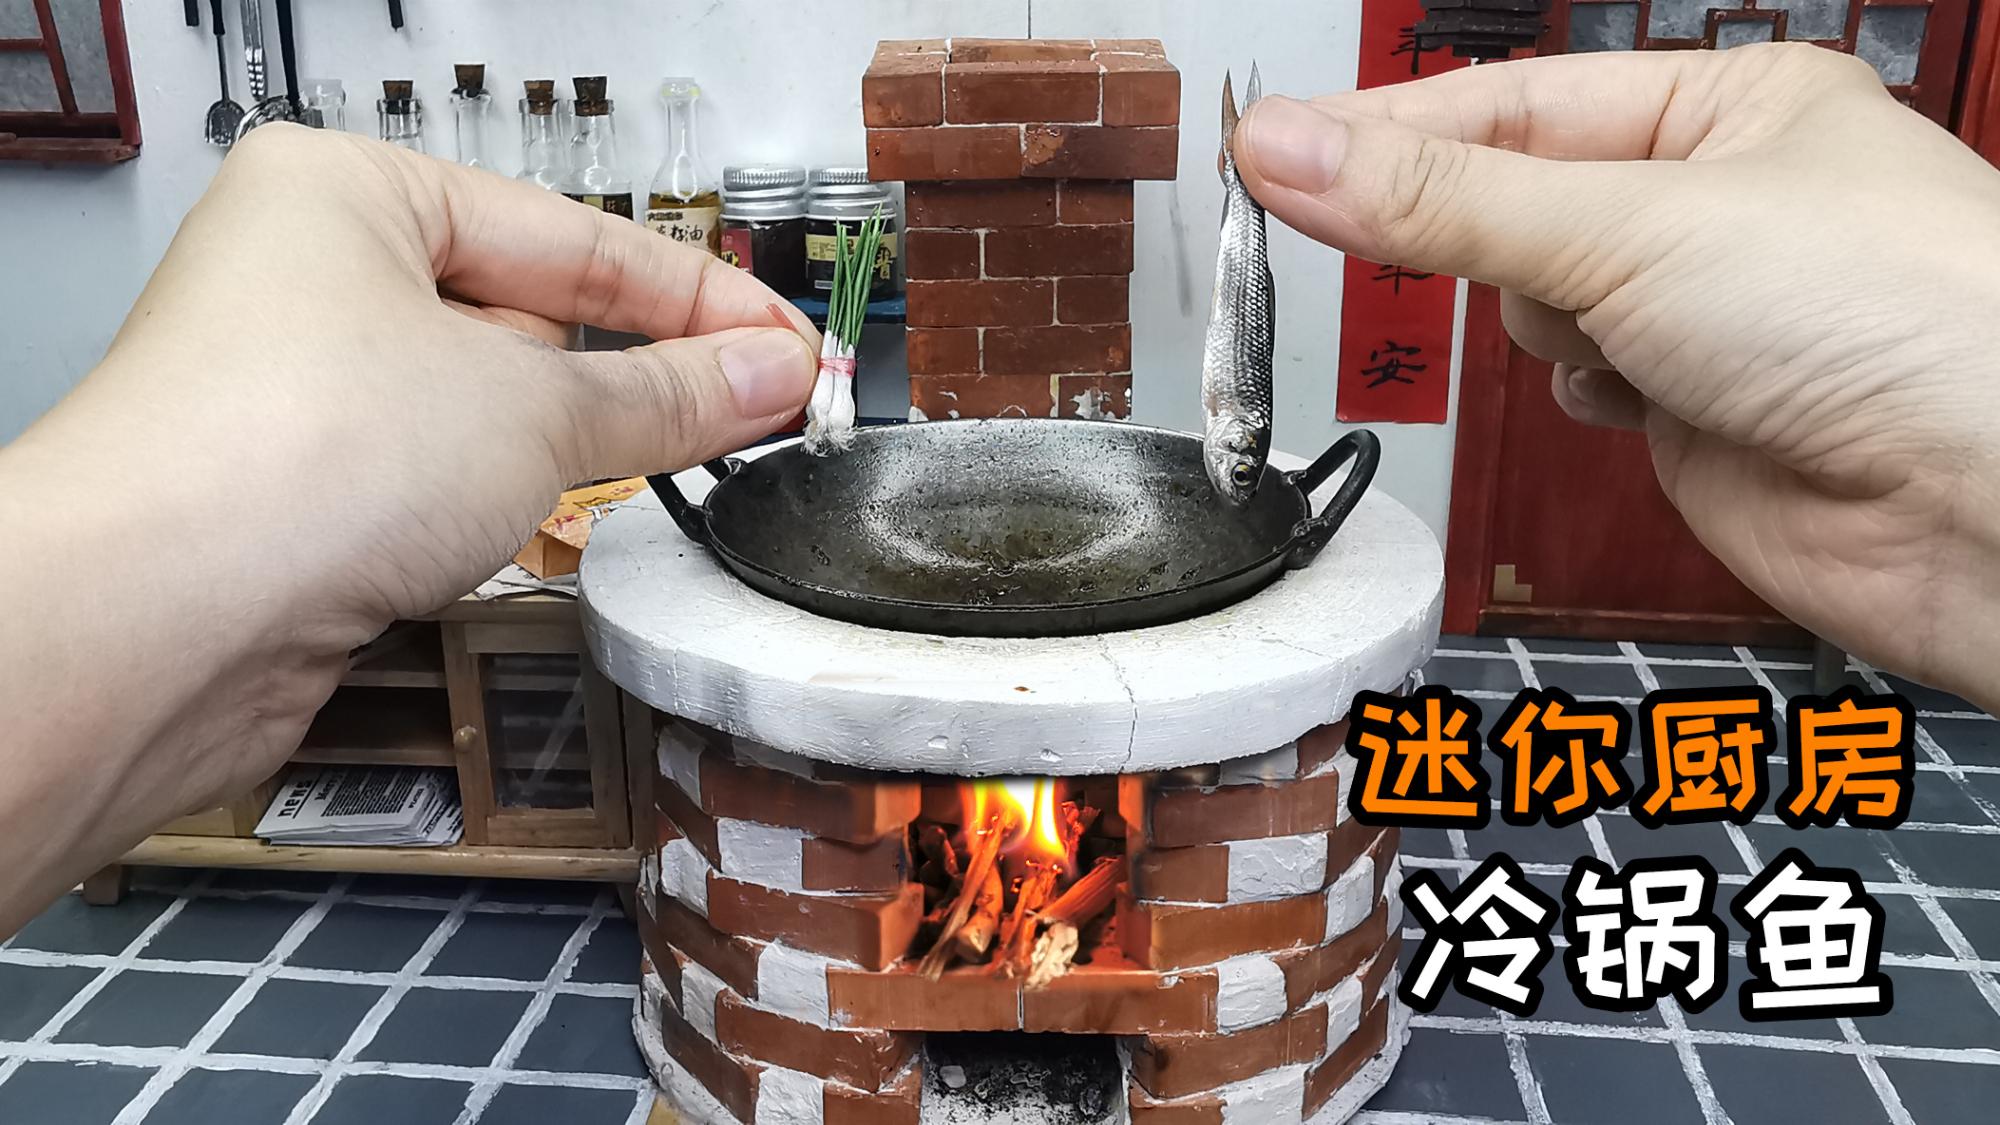 冷锅鱼火锅,比火锅店还好吃的创新做法,我在家用1元成本就做好